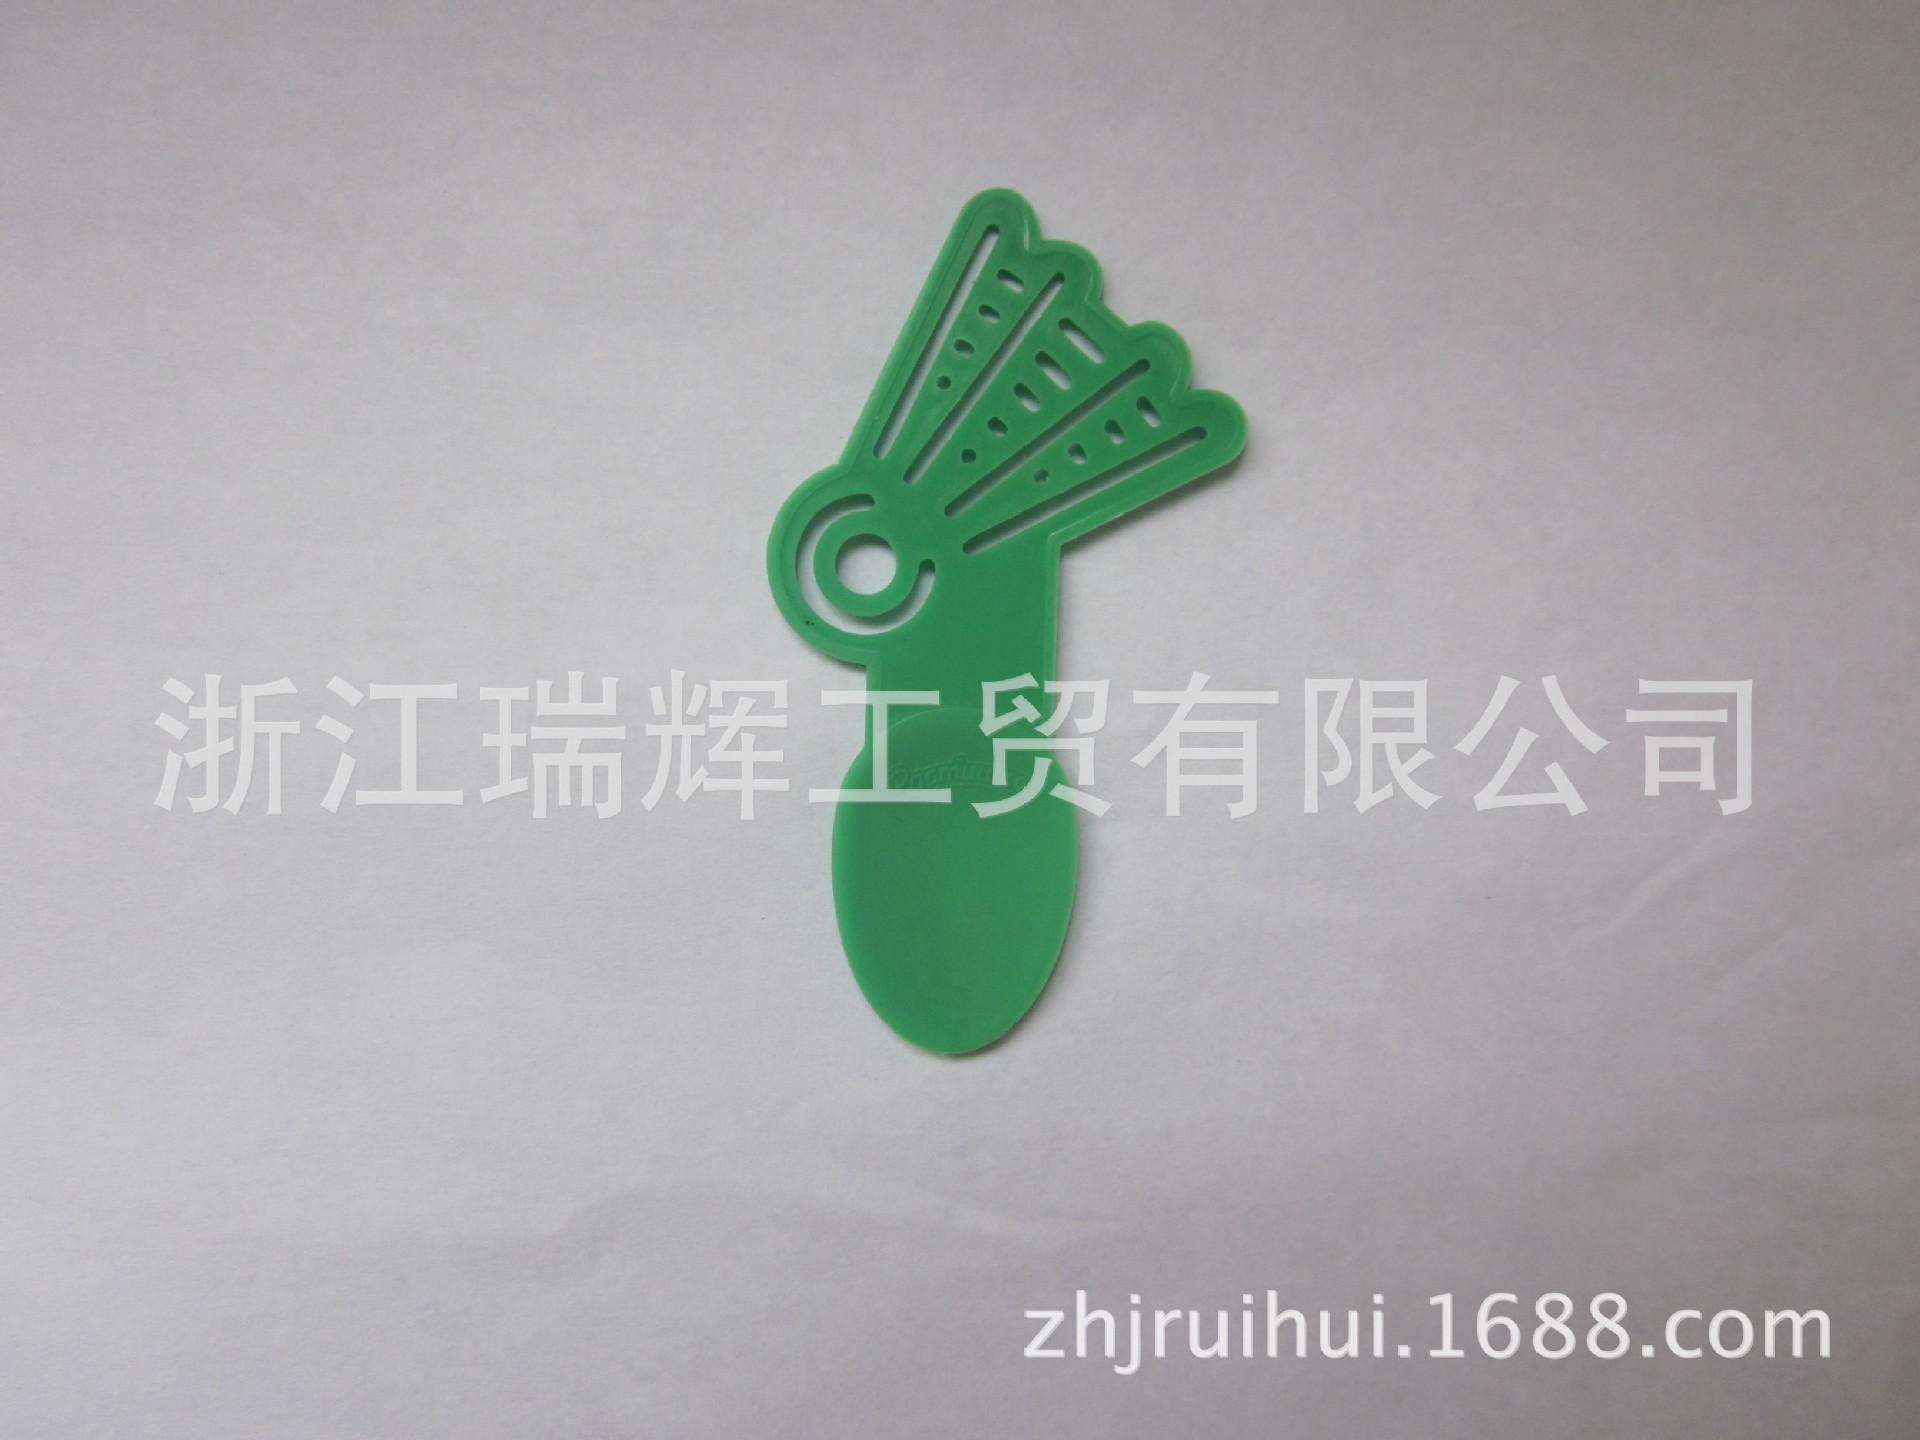 【欢迎选购】一次性 塑料制 餐具 冰激凌勺 羽毛球